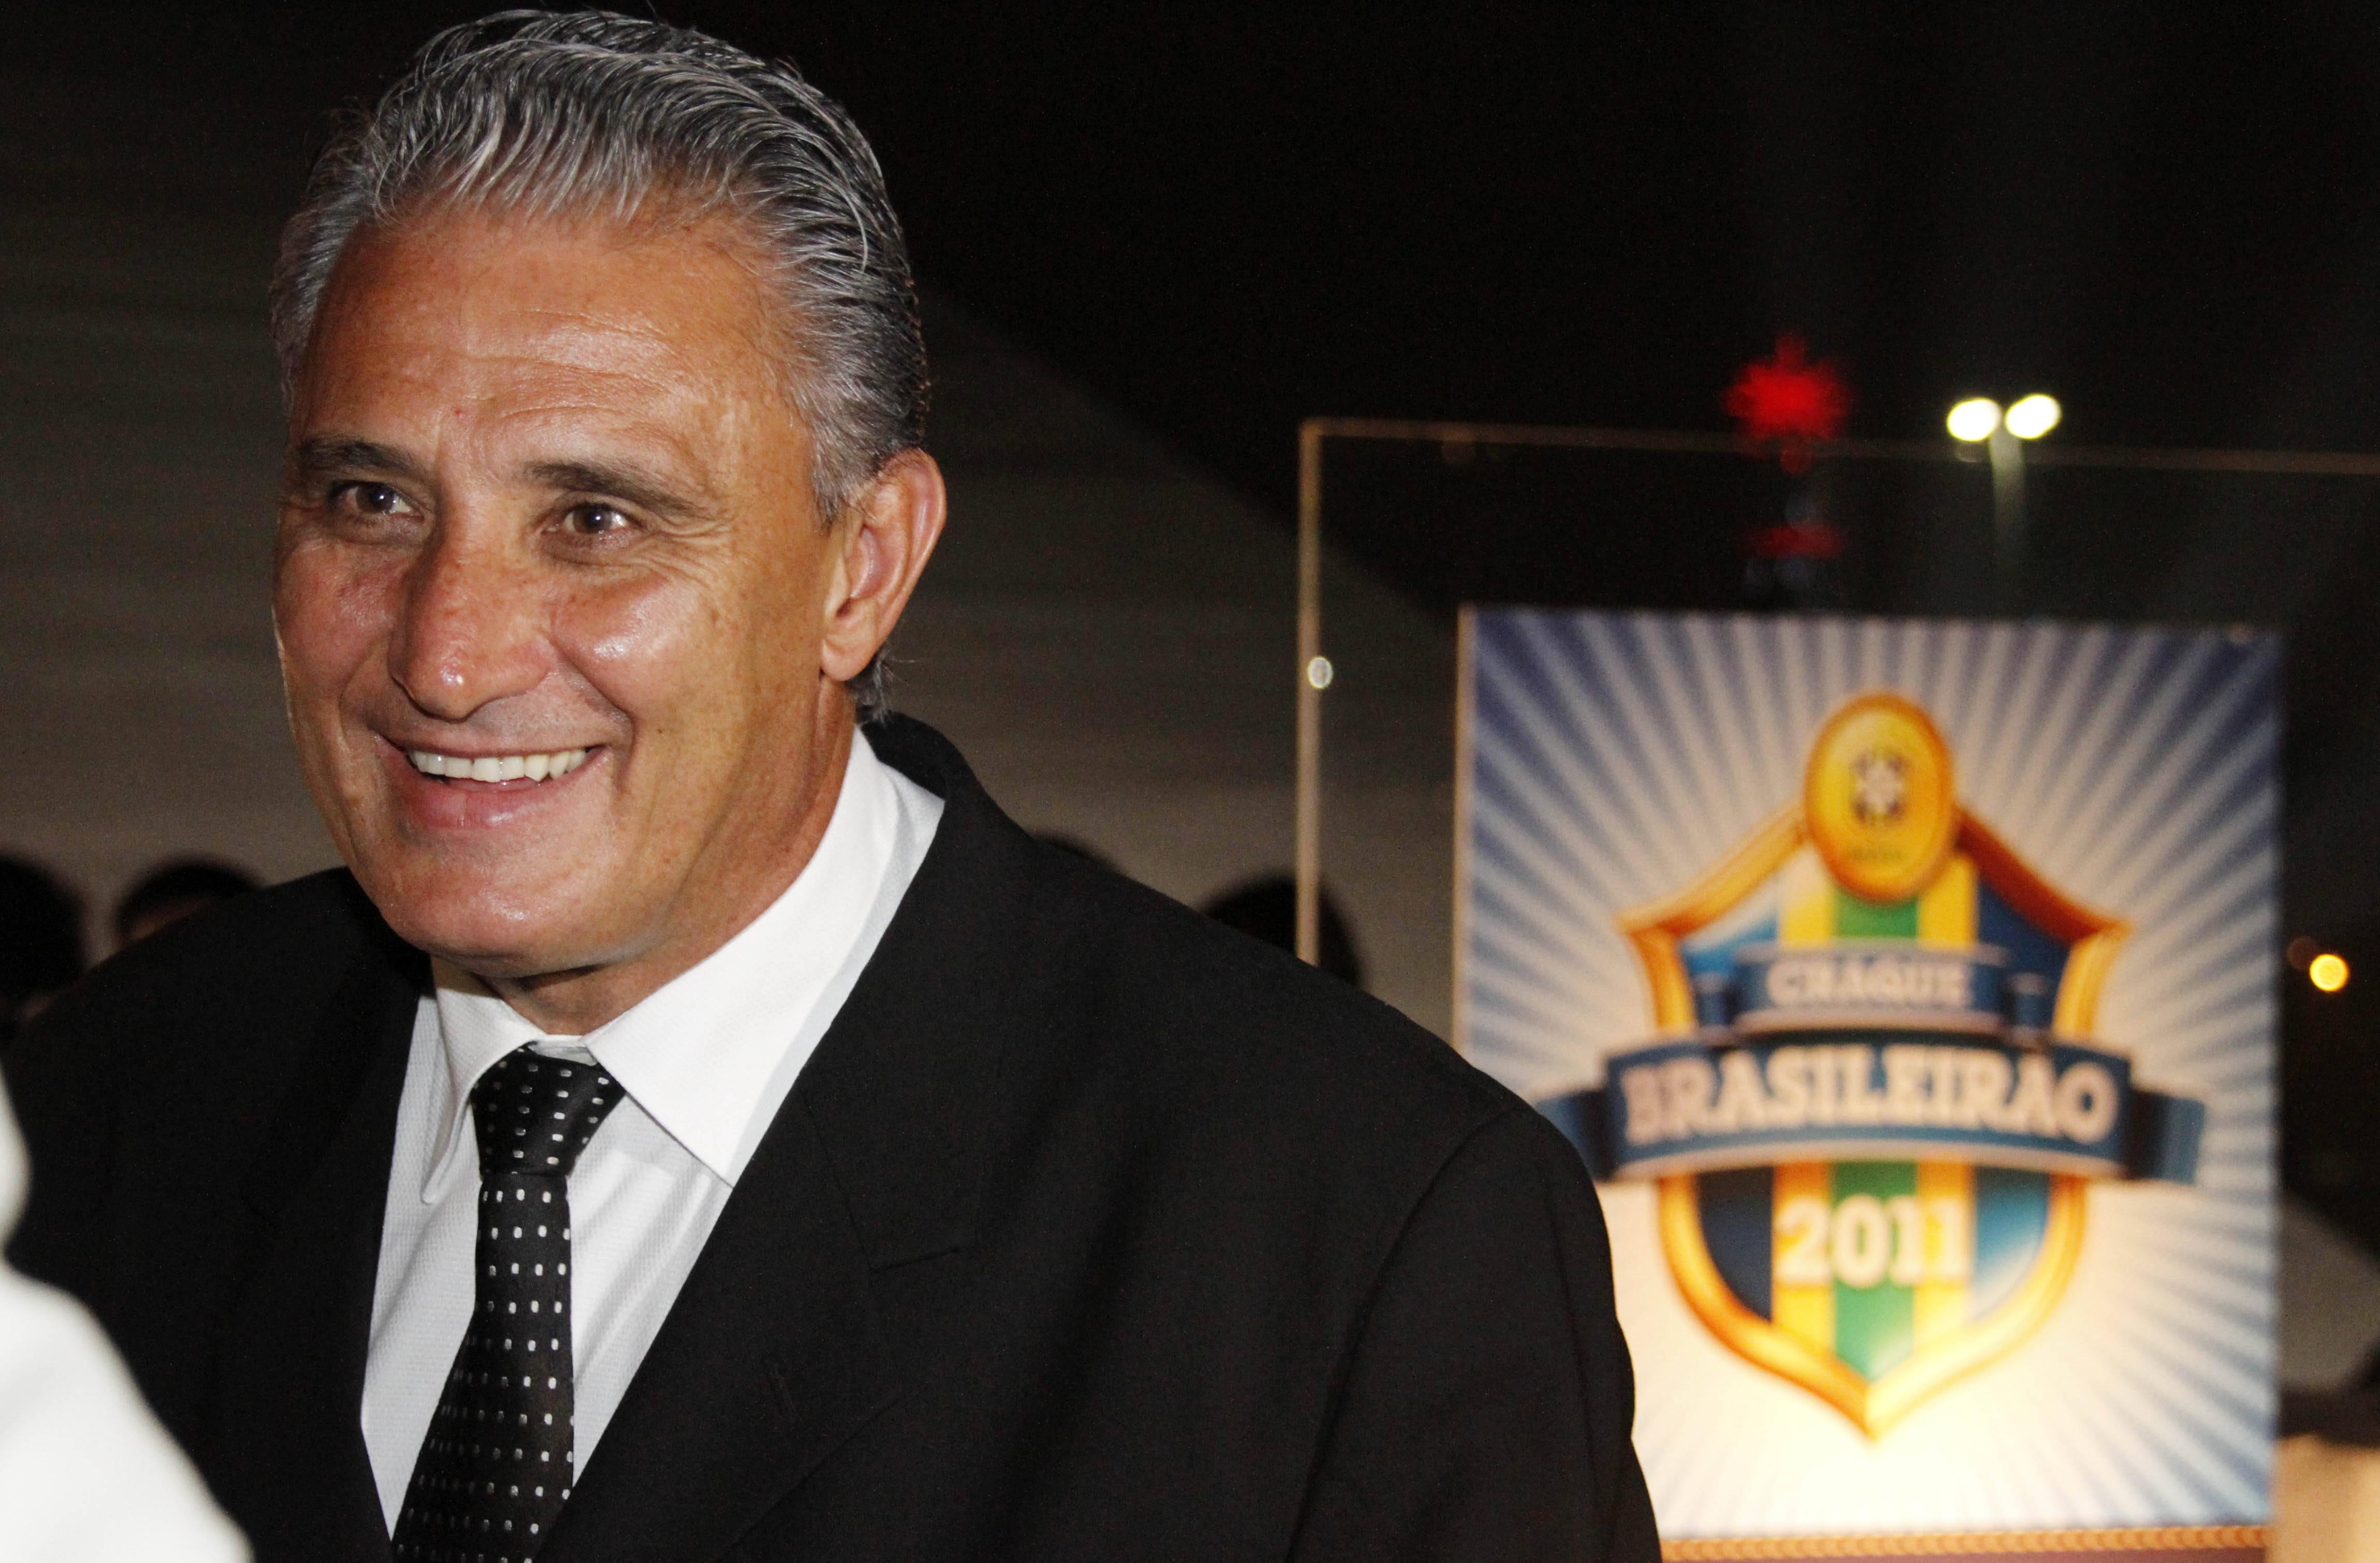 Tite foi o terceiro colocado no prêmio de melhor técnico do Brasileirão de 2011. Foto: Gazeta Press